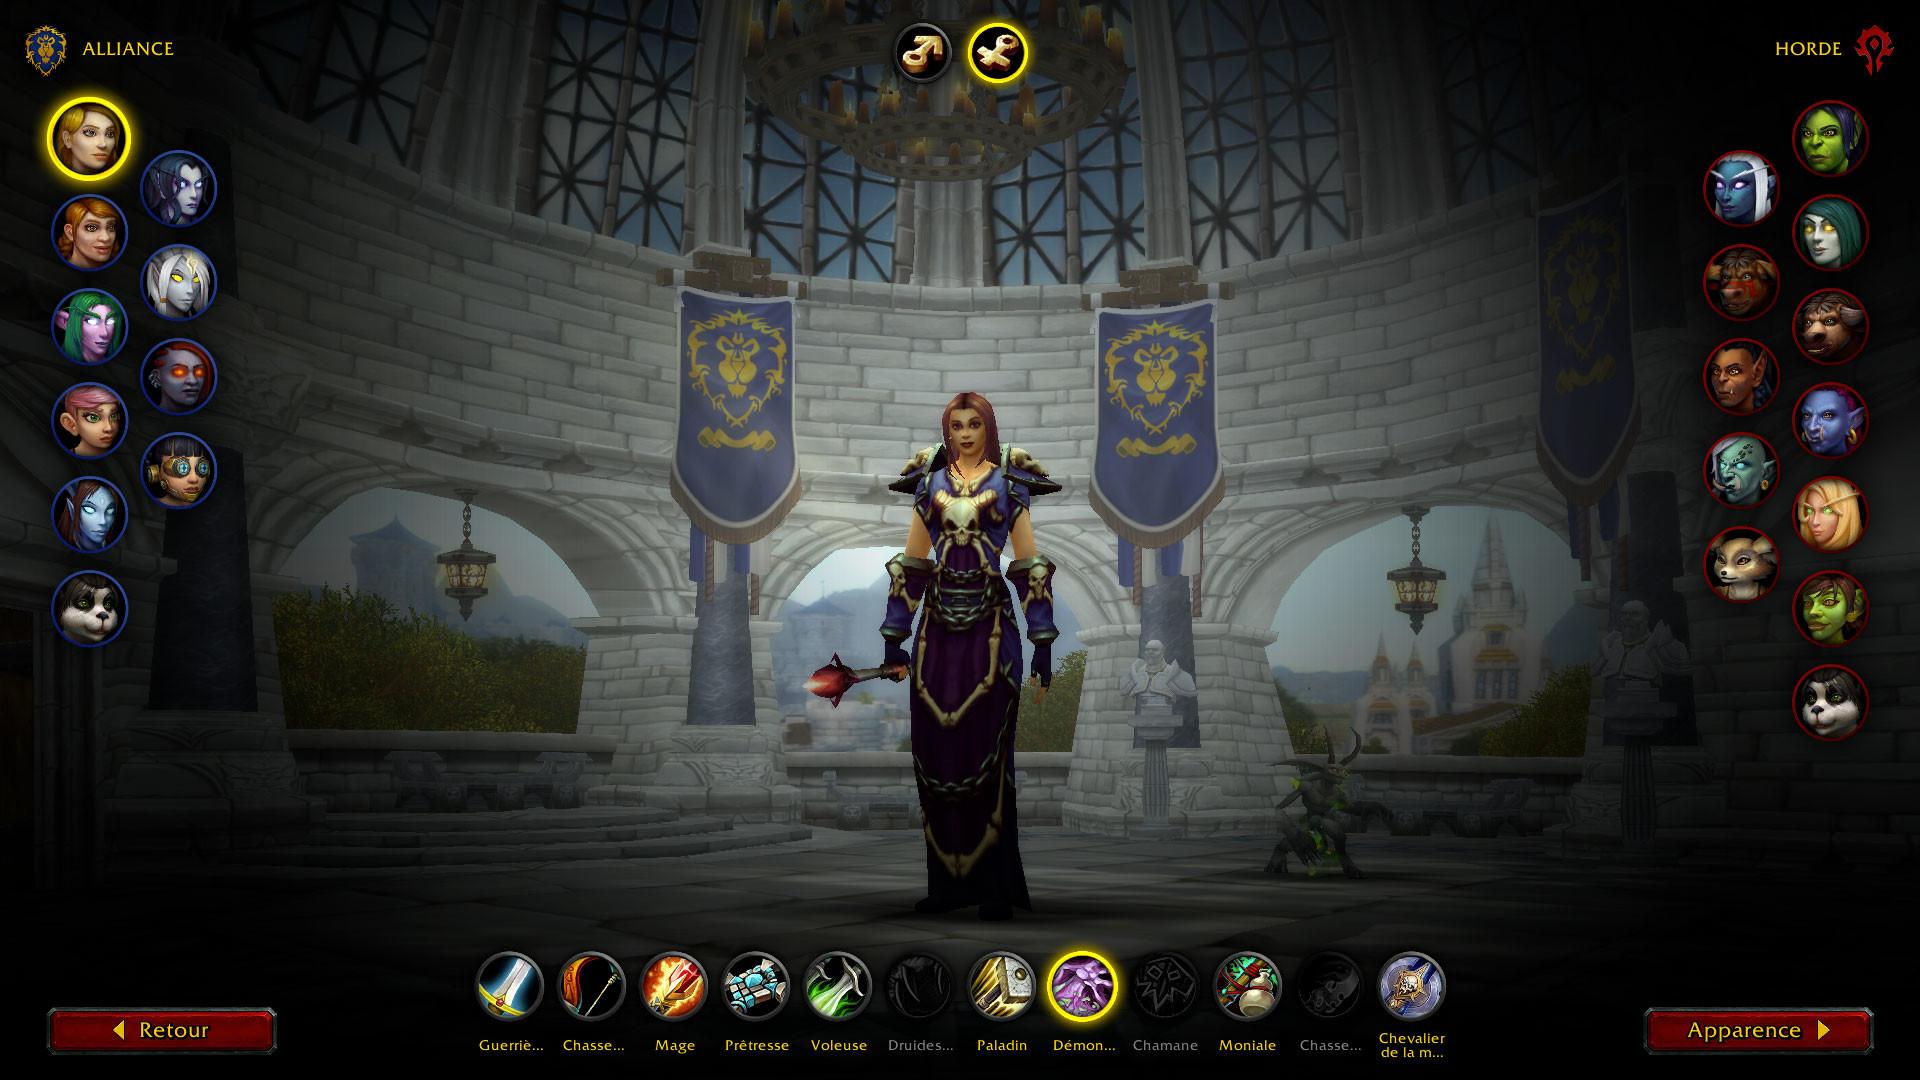 Une capture d'écran de la fenêtre de personnalisation des personnages pour World of Warcraft